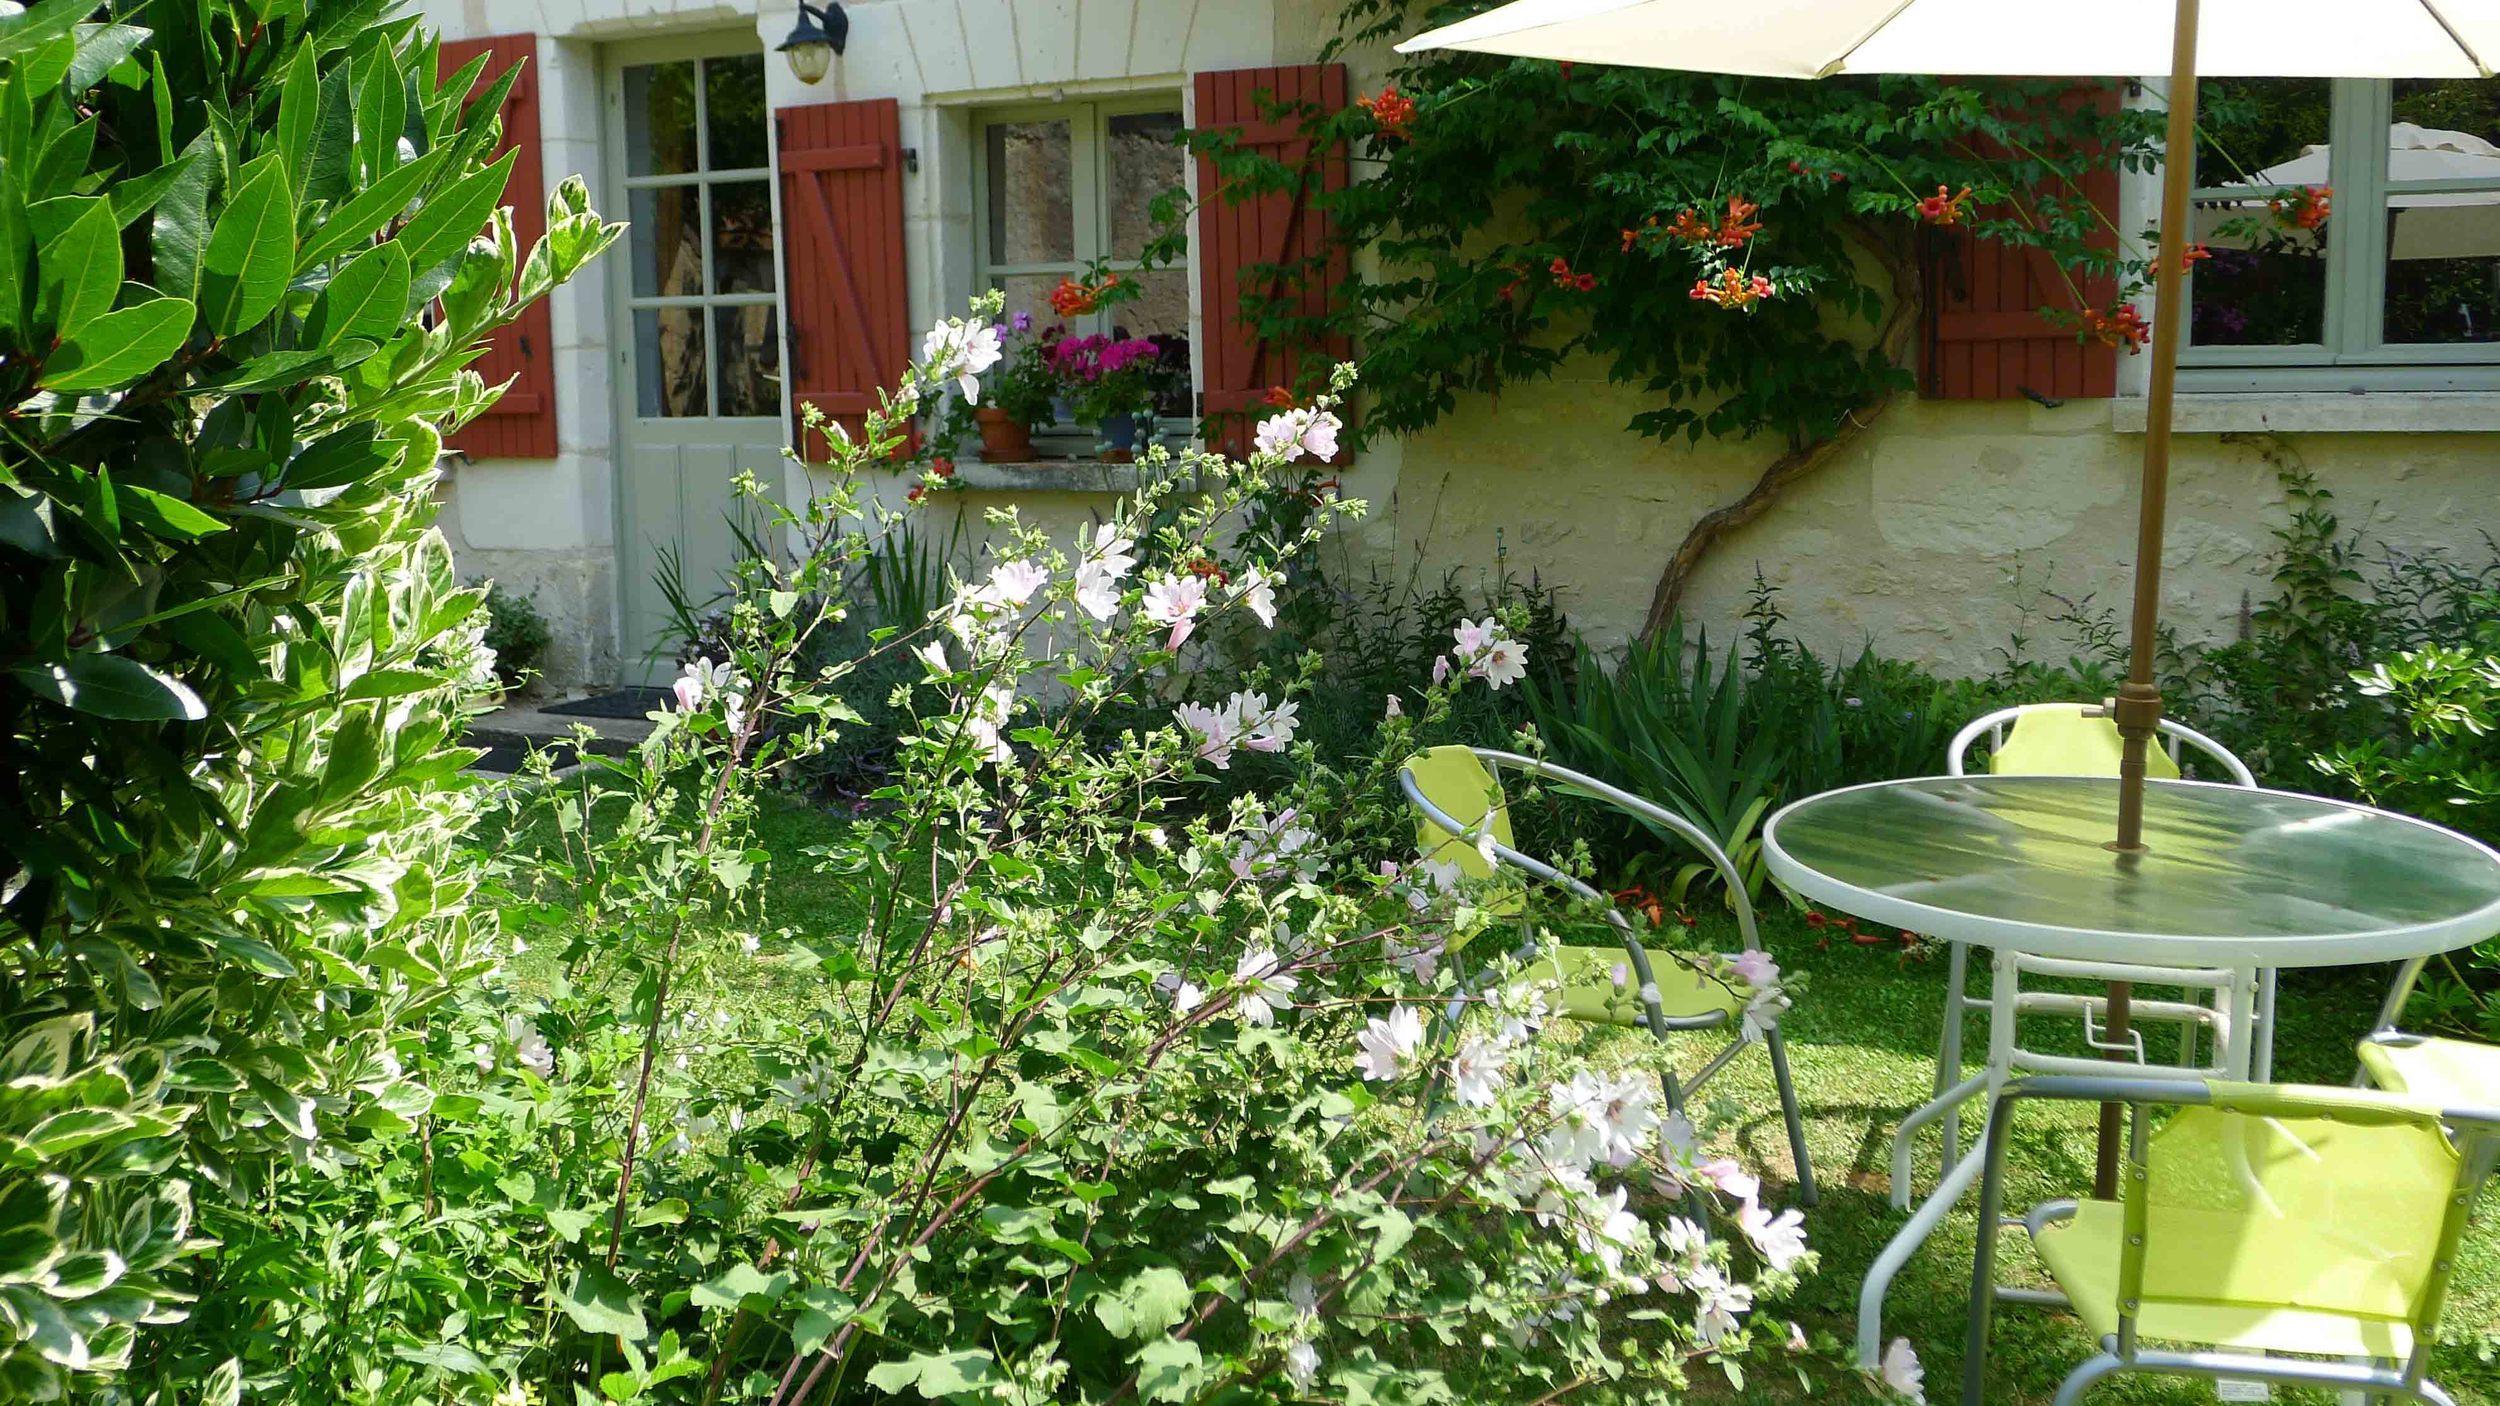 In the garden-2.jpg